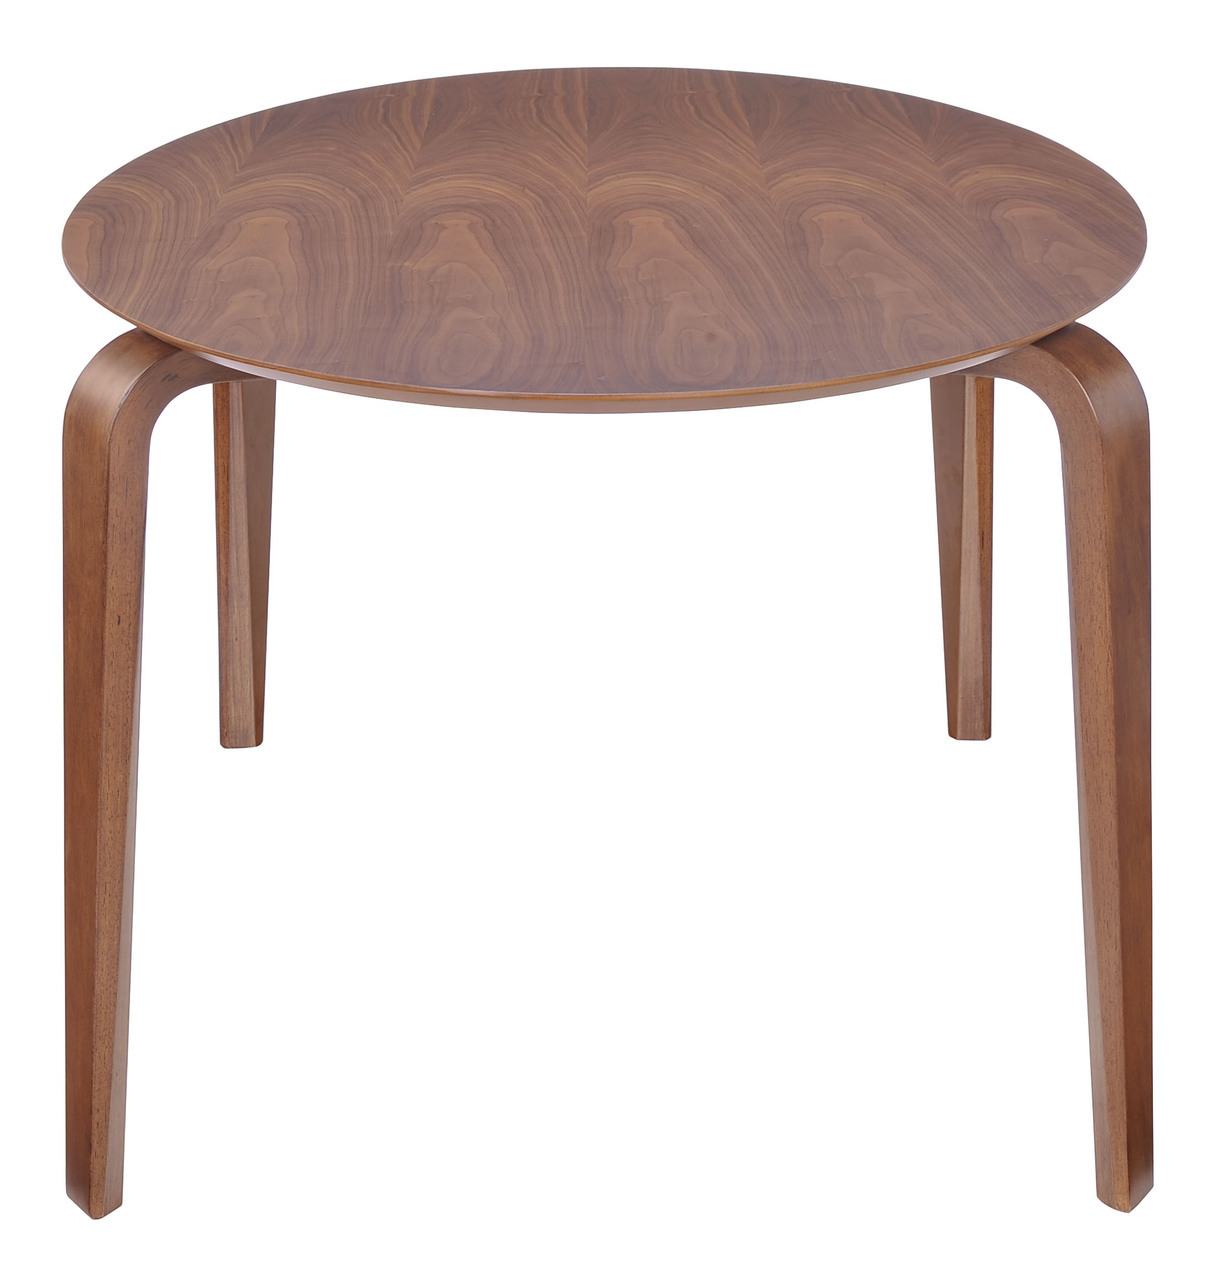 walnut-oval-dining-table.jpg